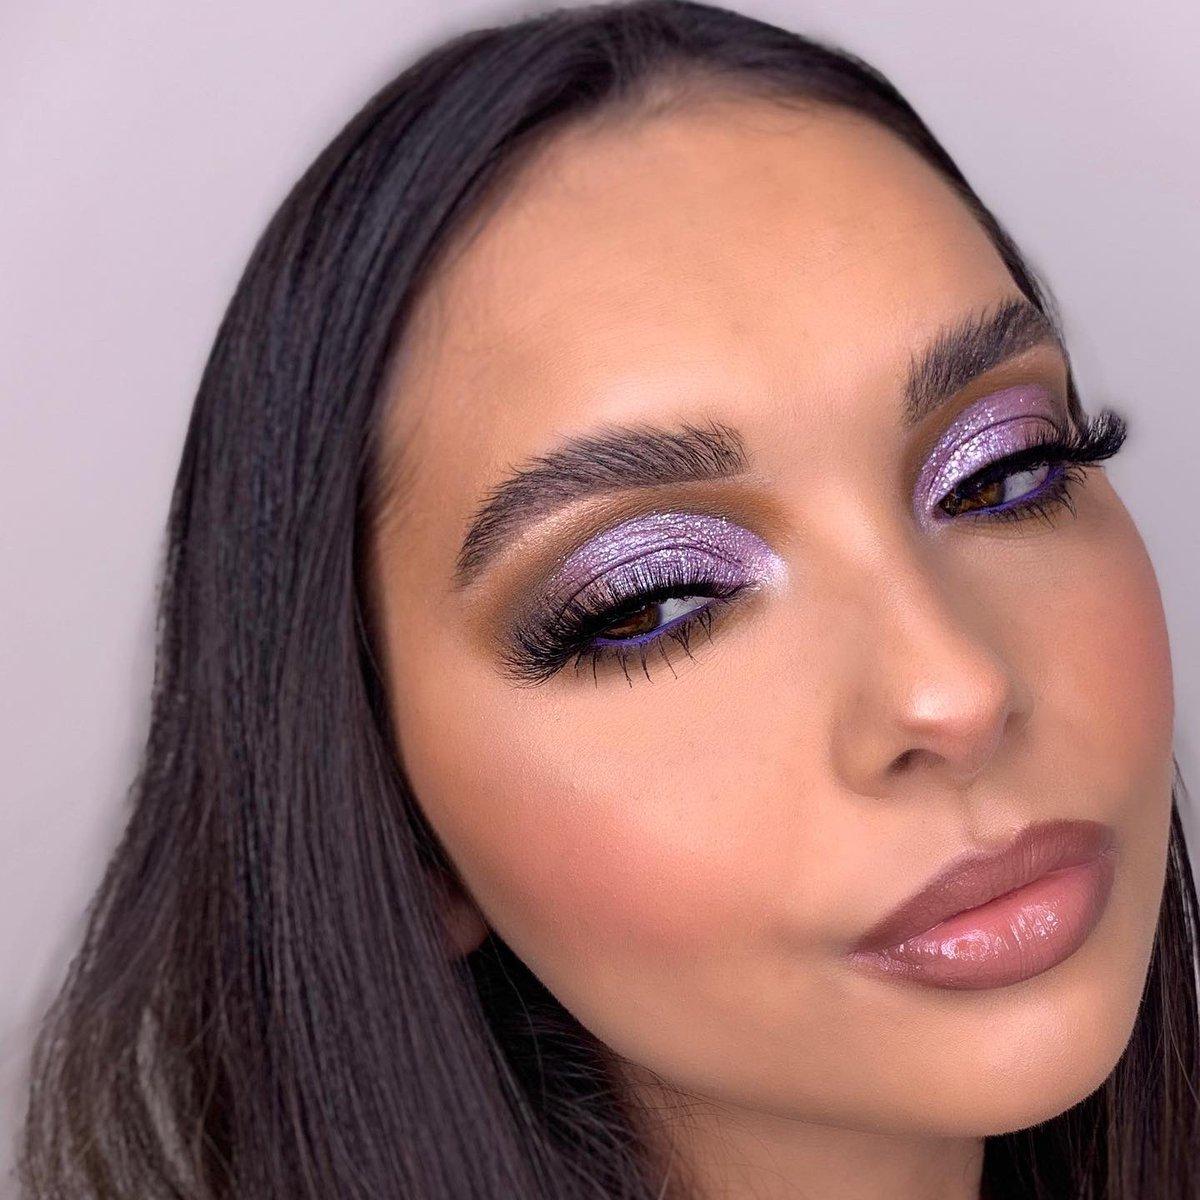 💜LAVENDER💜 using @beautybay x @NikkieTutorials Pressed Pigment Palette! #beautybay #nikkitutorials #makeup #MakeupAddict #makeuplooks